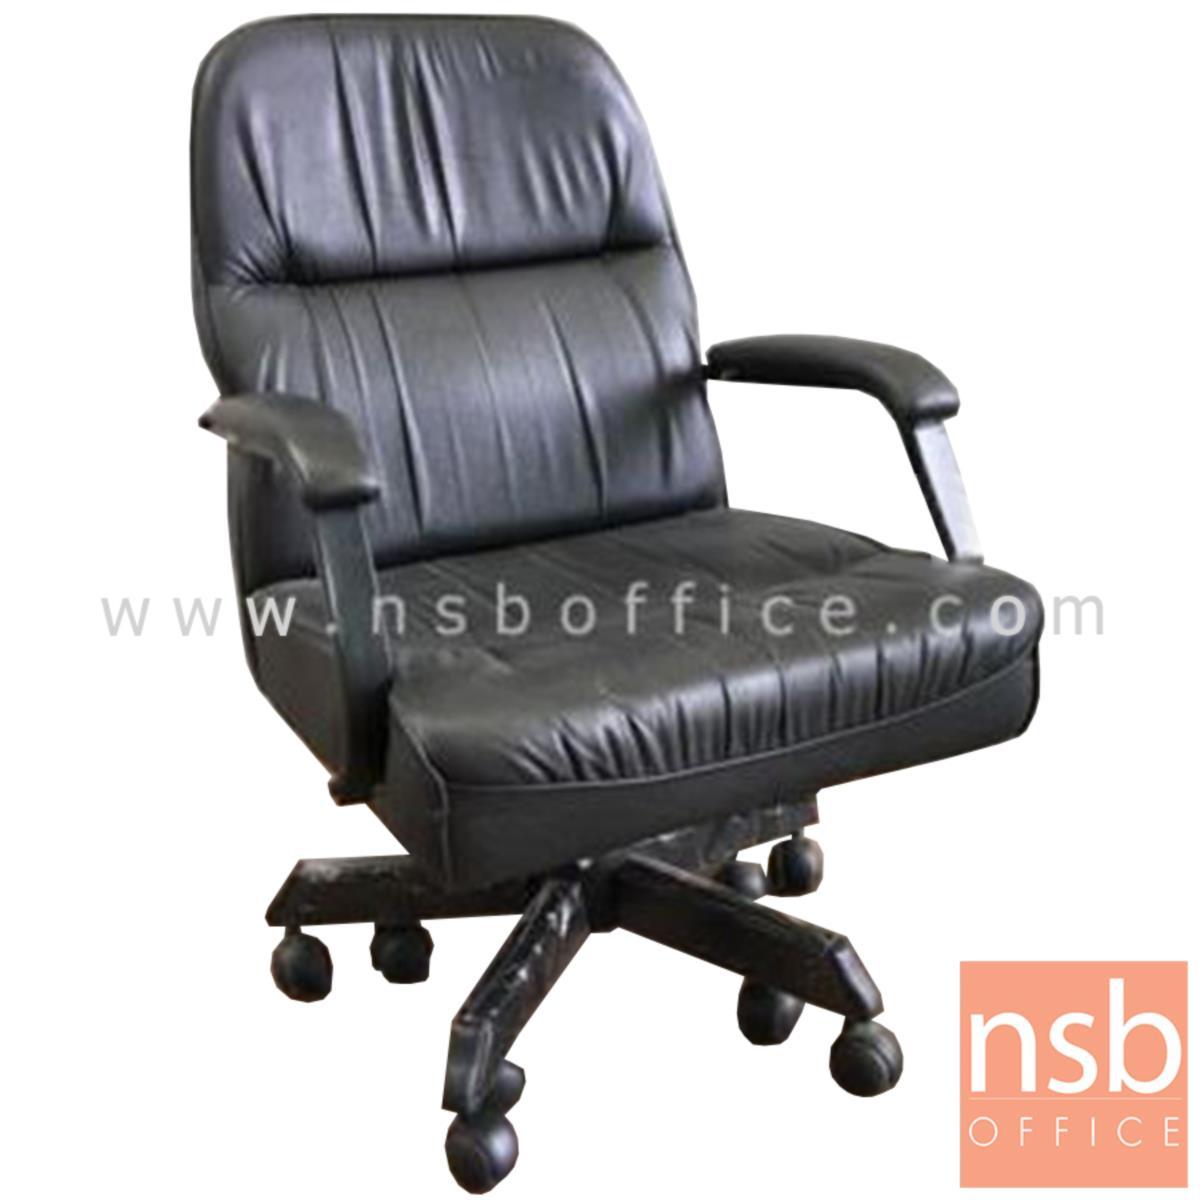 B01A144:เก้าอี้สำนักงาน รุ่น Rogan (โรแกน)  มีก้อนโยก ขาเหล็ก 10 ล้อ